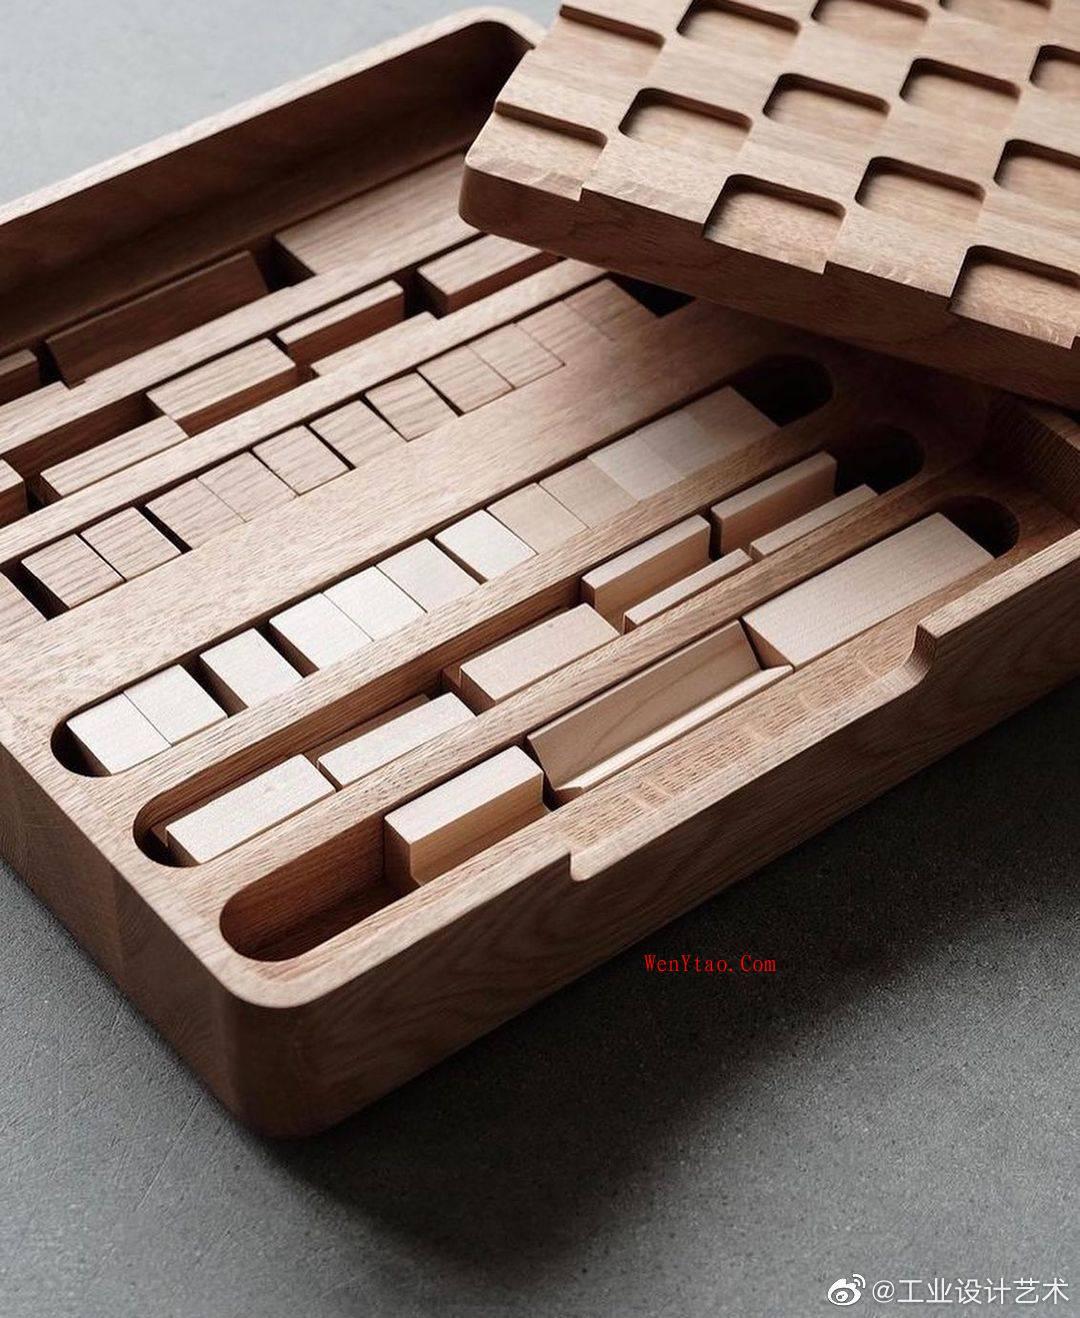 棋 来源于 微博工业设计艺术 第3张